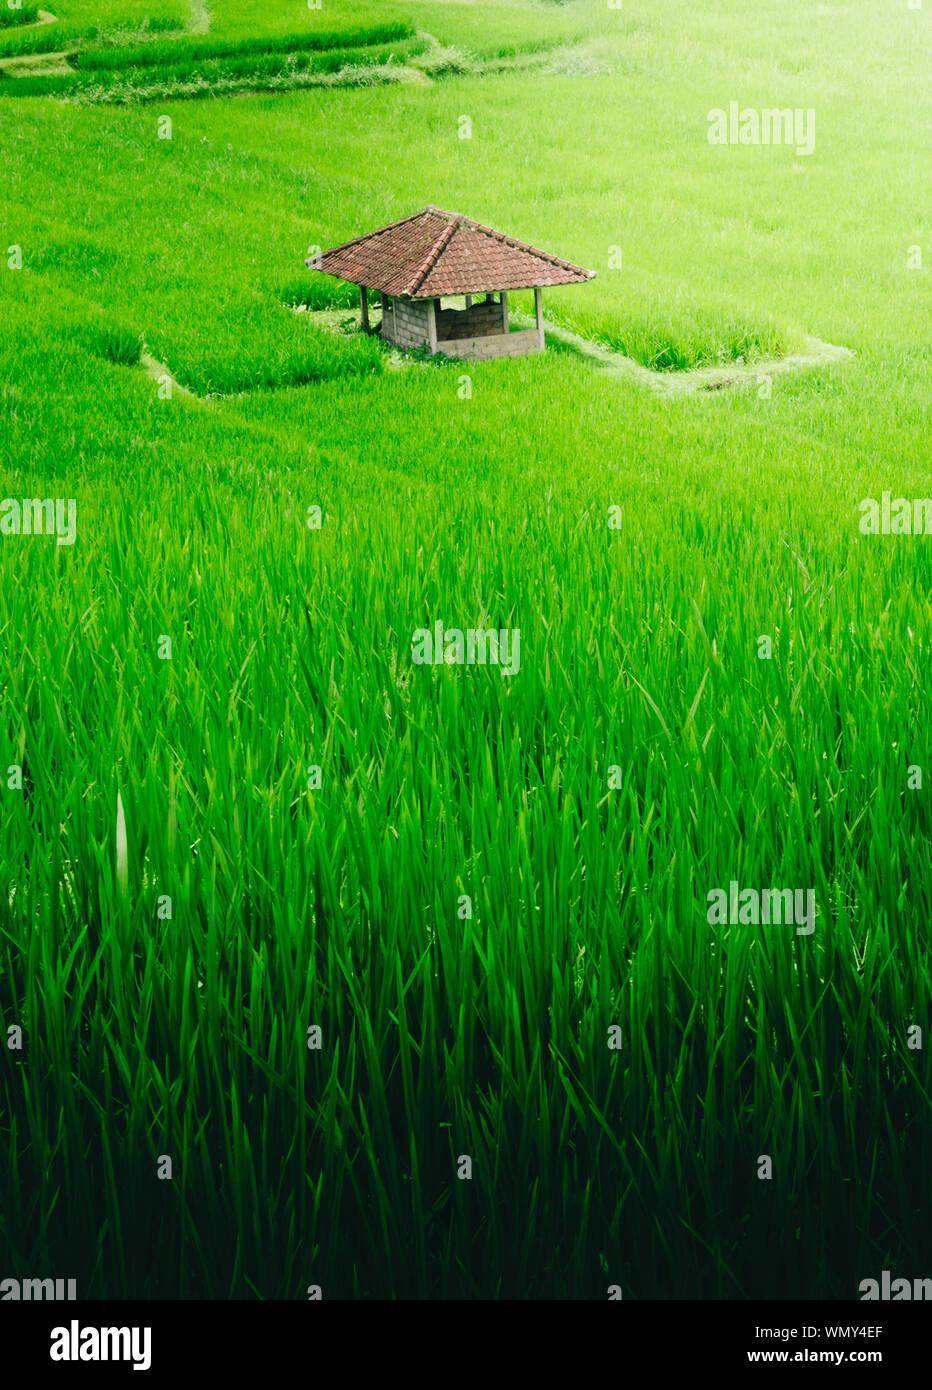 Un alto ángulo de visualización de campos verdes Foto de stock